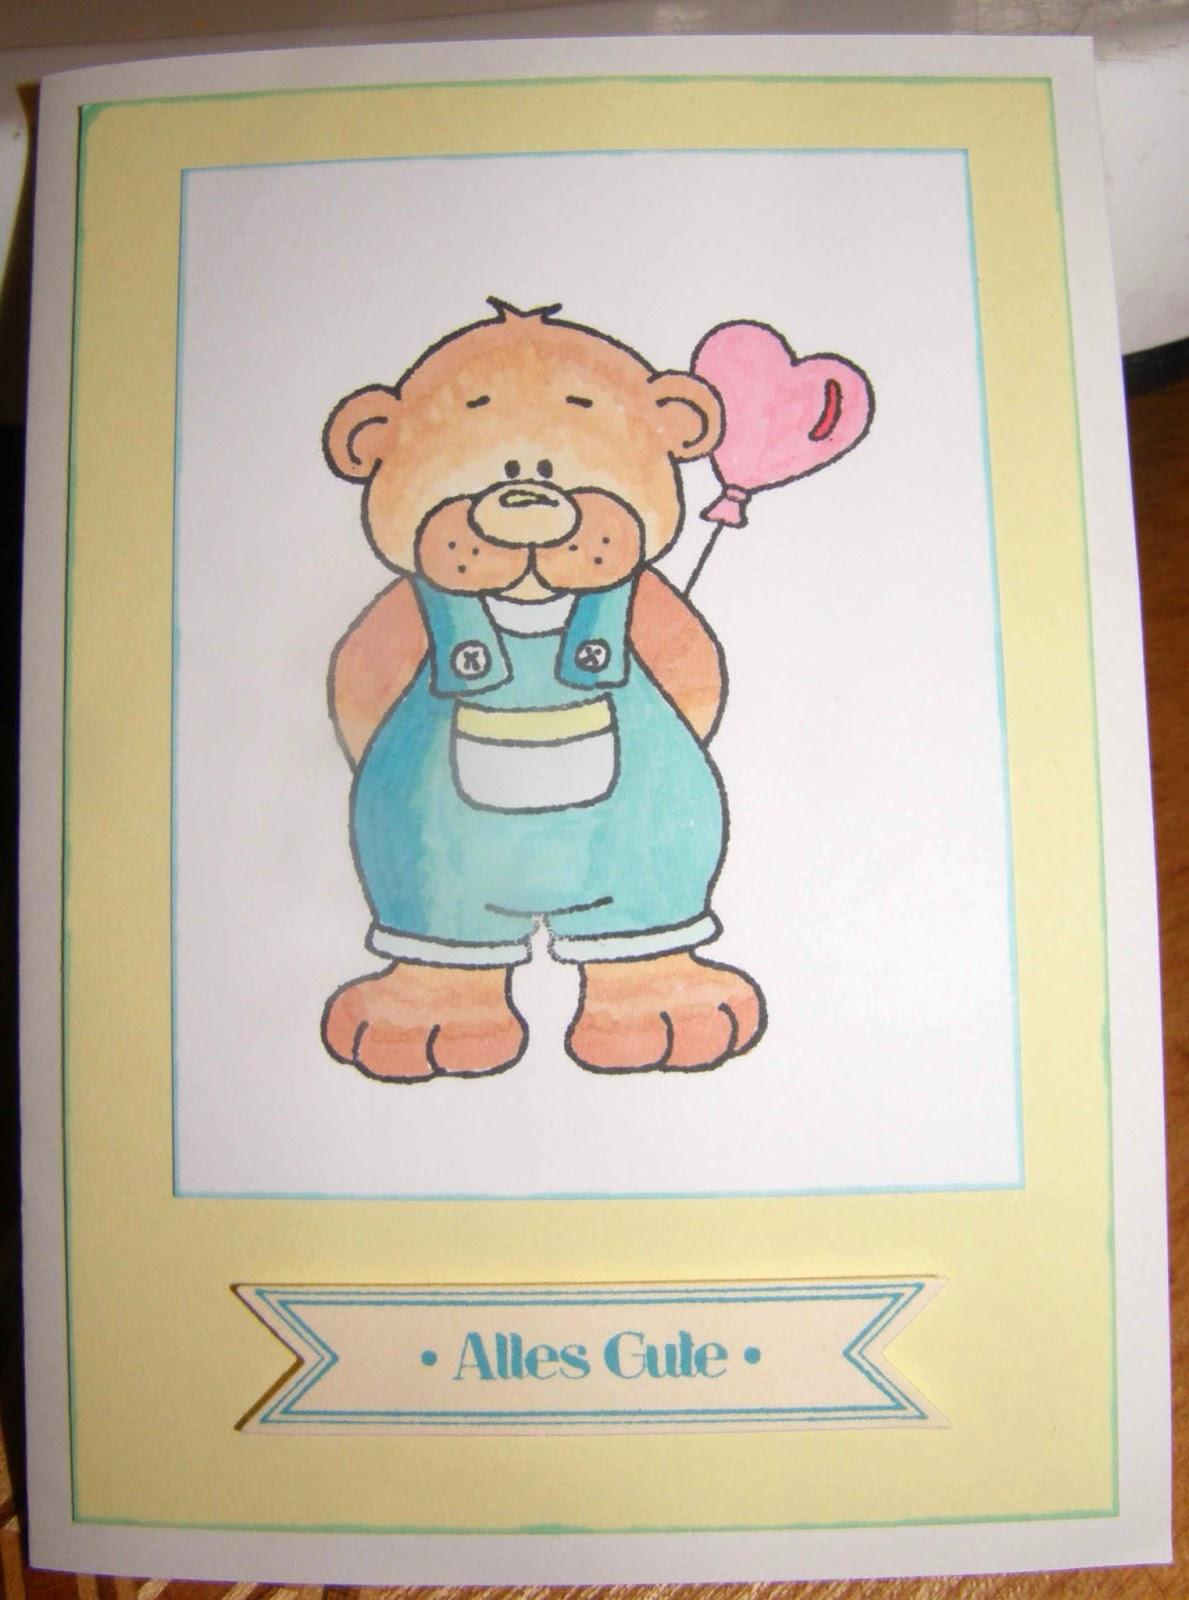 Klaudias Bastelideen: Geburtstagskarte für meine Freundin